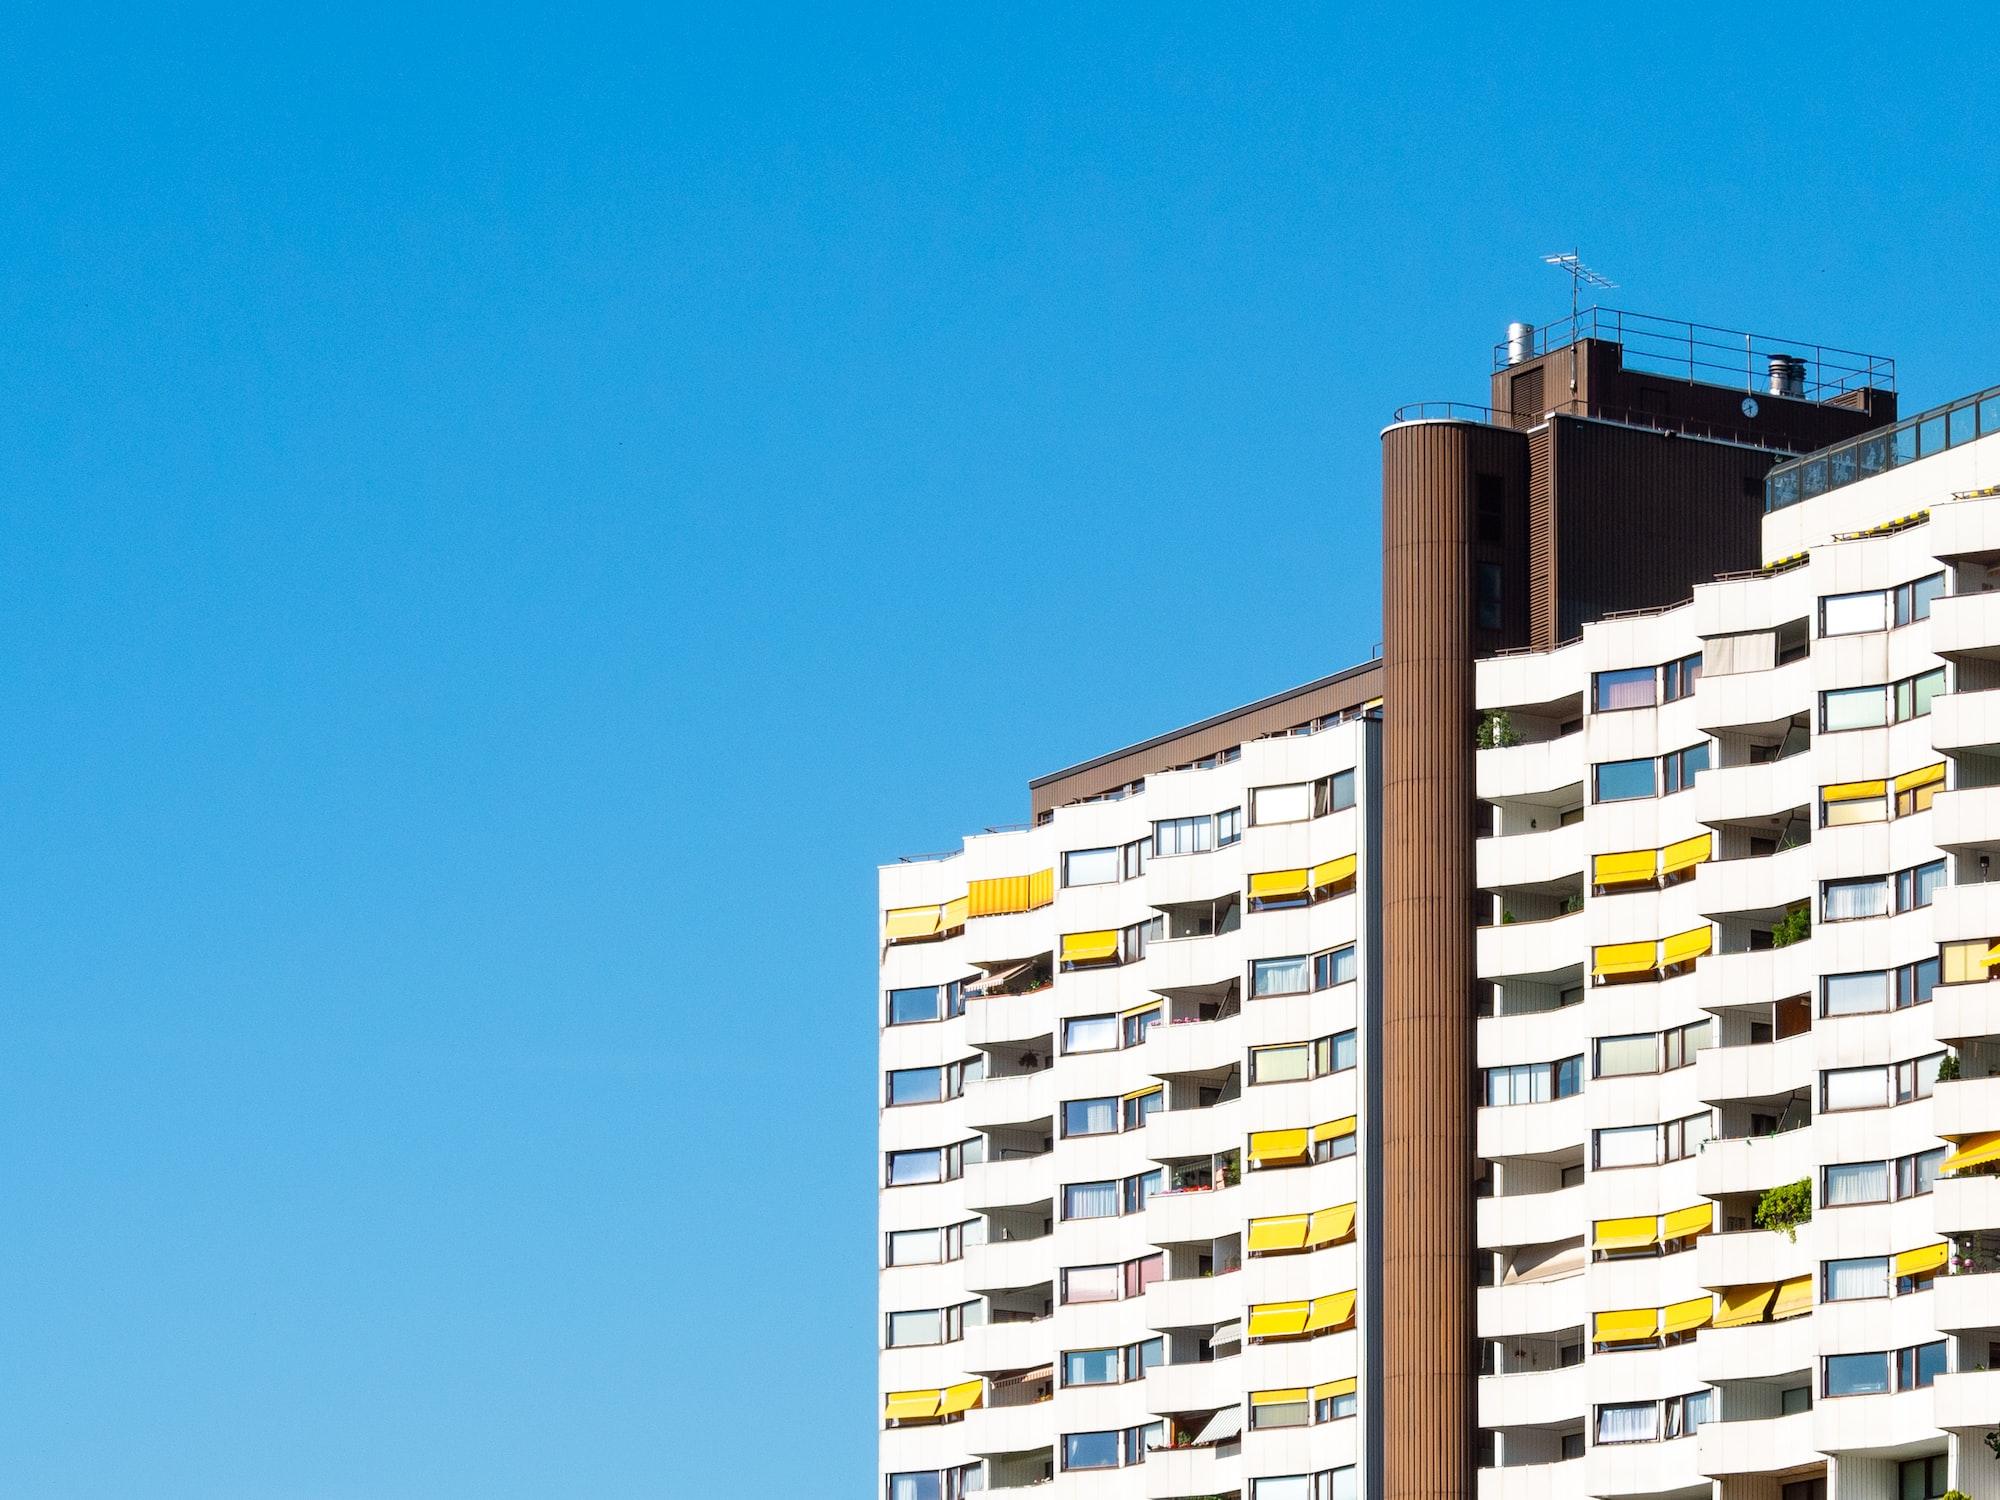 A incorporação imobiliária nos moldes exemplificados pode levar à verticalização dos espaços, que é o excesso de prédios em uma região.